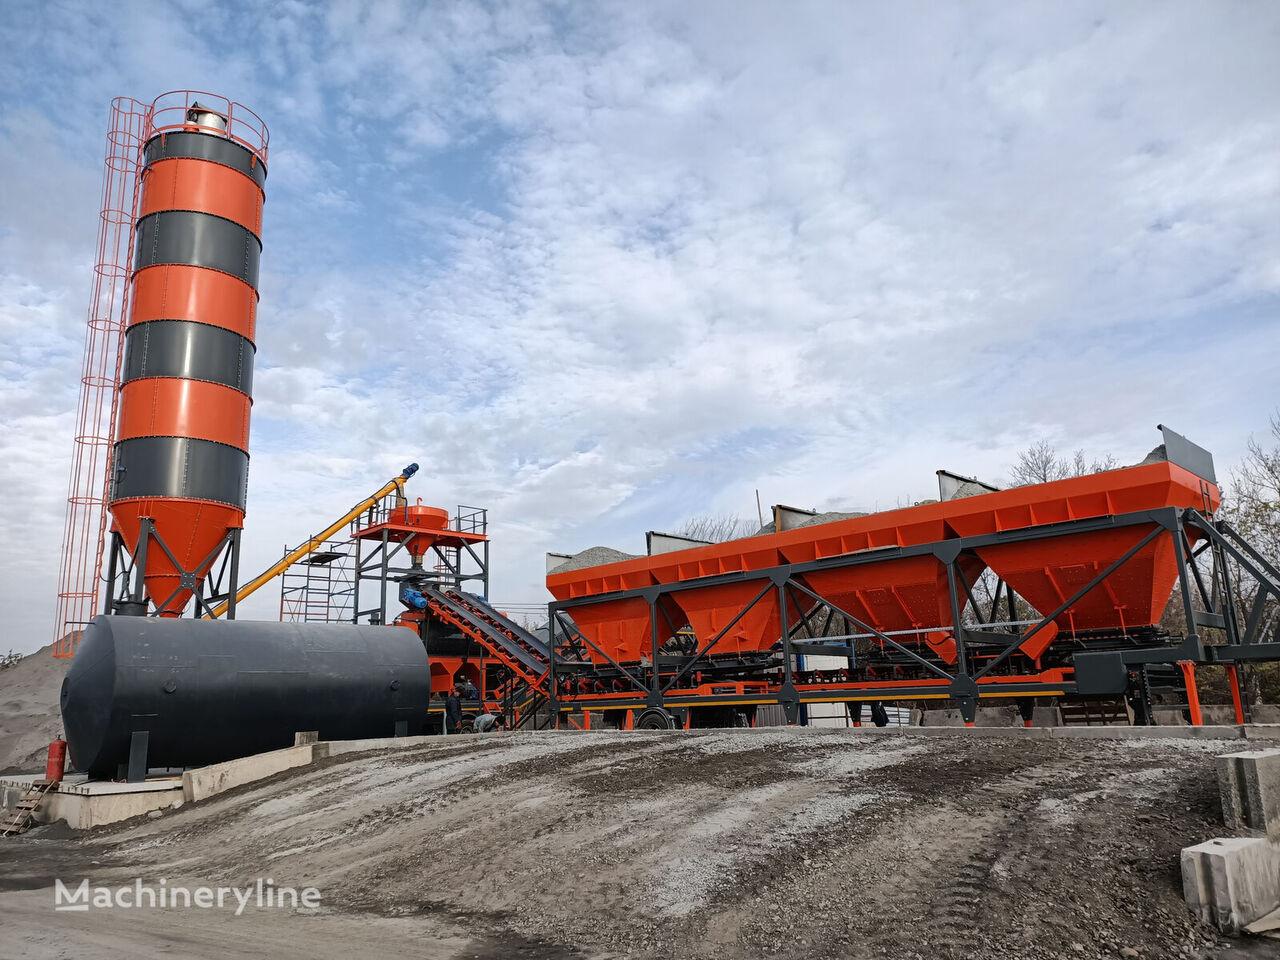 new STAINMANN Mobilnaya gruntosmesitelnaya ustanovka asphalt plant